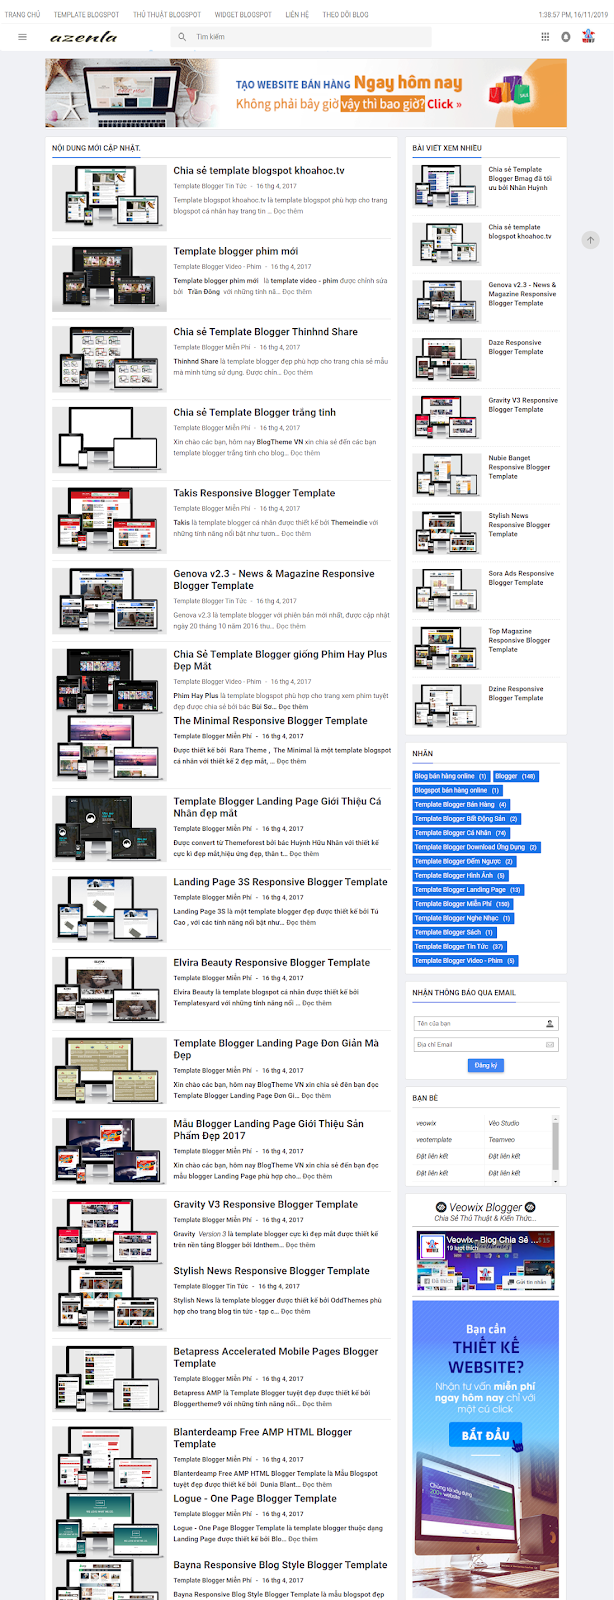 share-template-blogger-azenla-blogspot-free-download-veowix